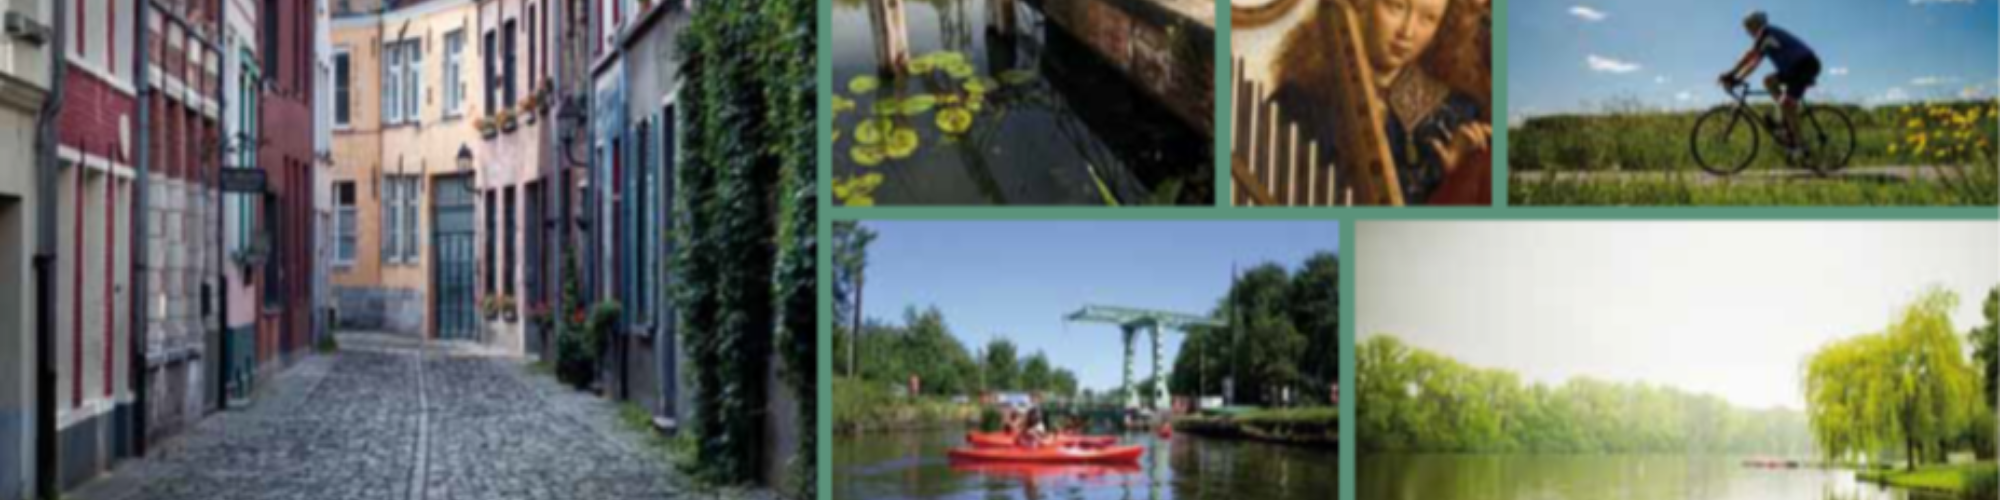 Productief in 2019: het jaarverslag van Toerisme Oost-Vlaanderen